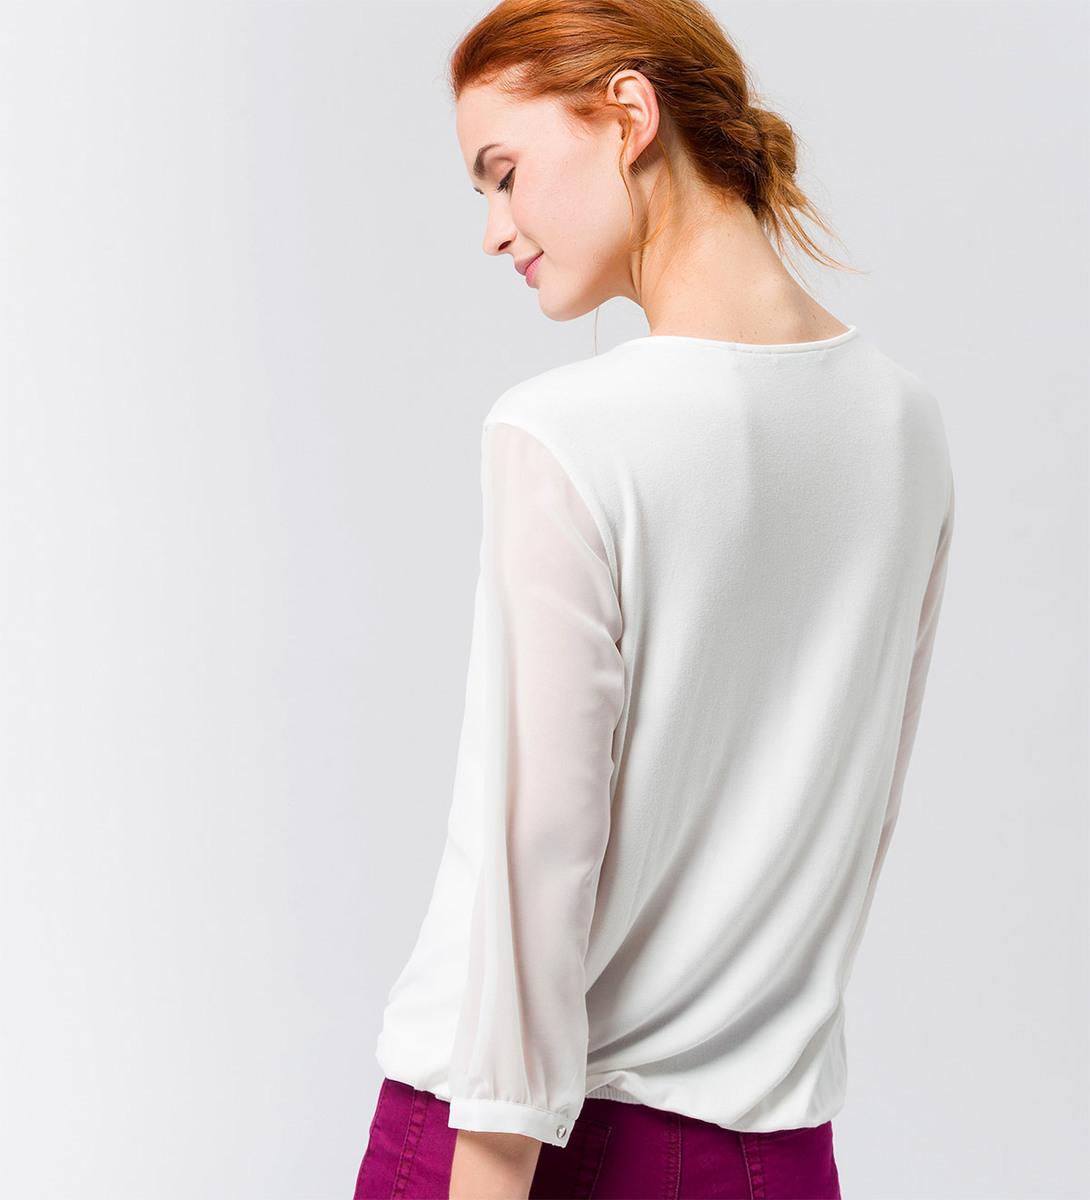 Bluse mit Zierdekor am Ausschnitt in offwhite